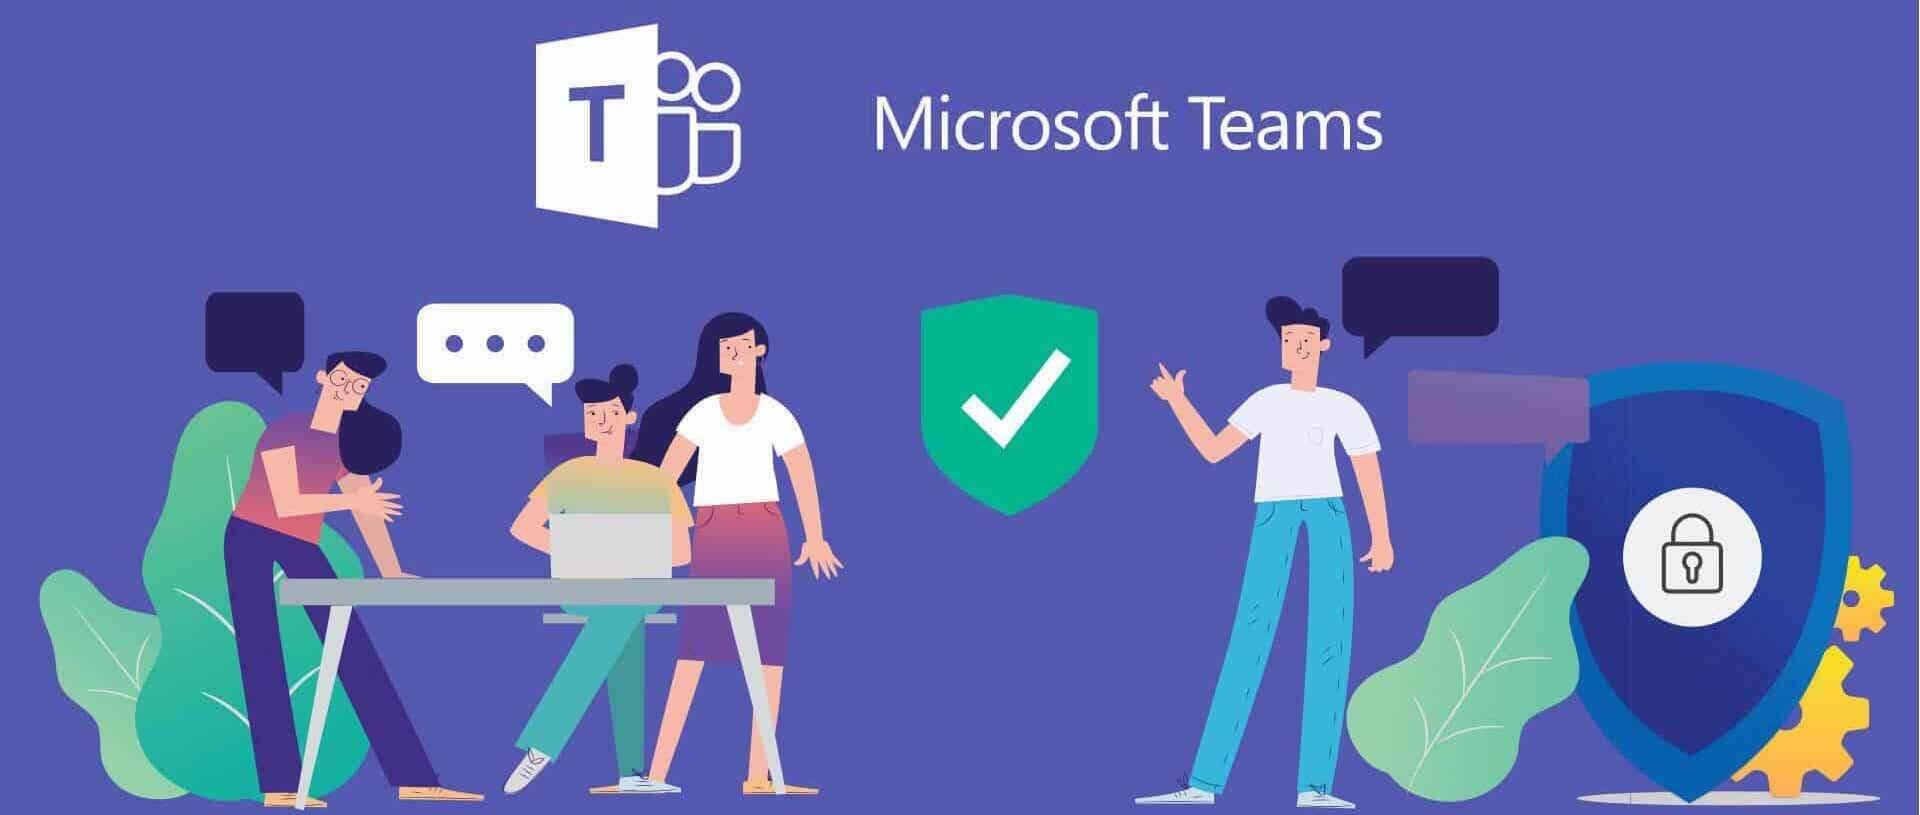 Teams ne remplace pas une plateforme d'apprentissage